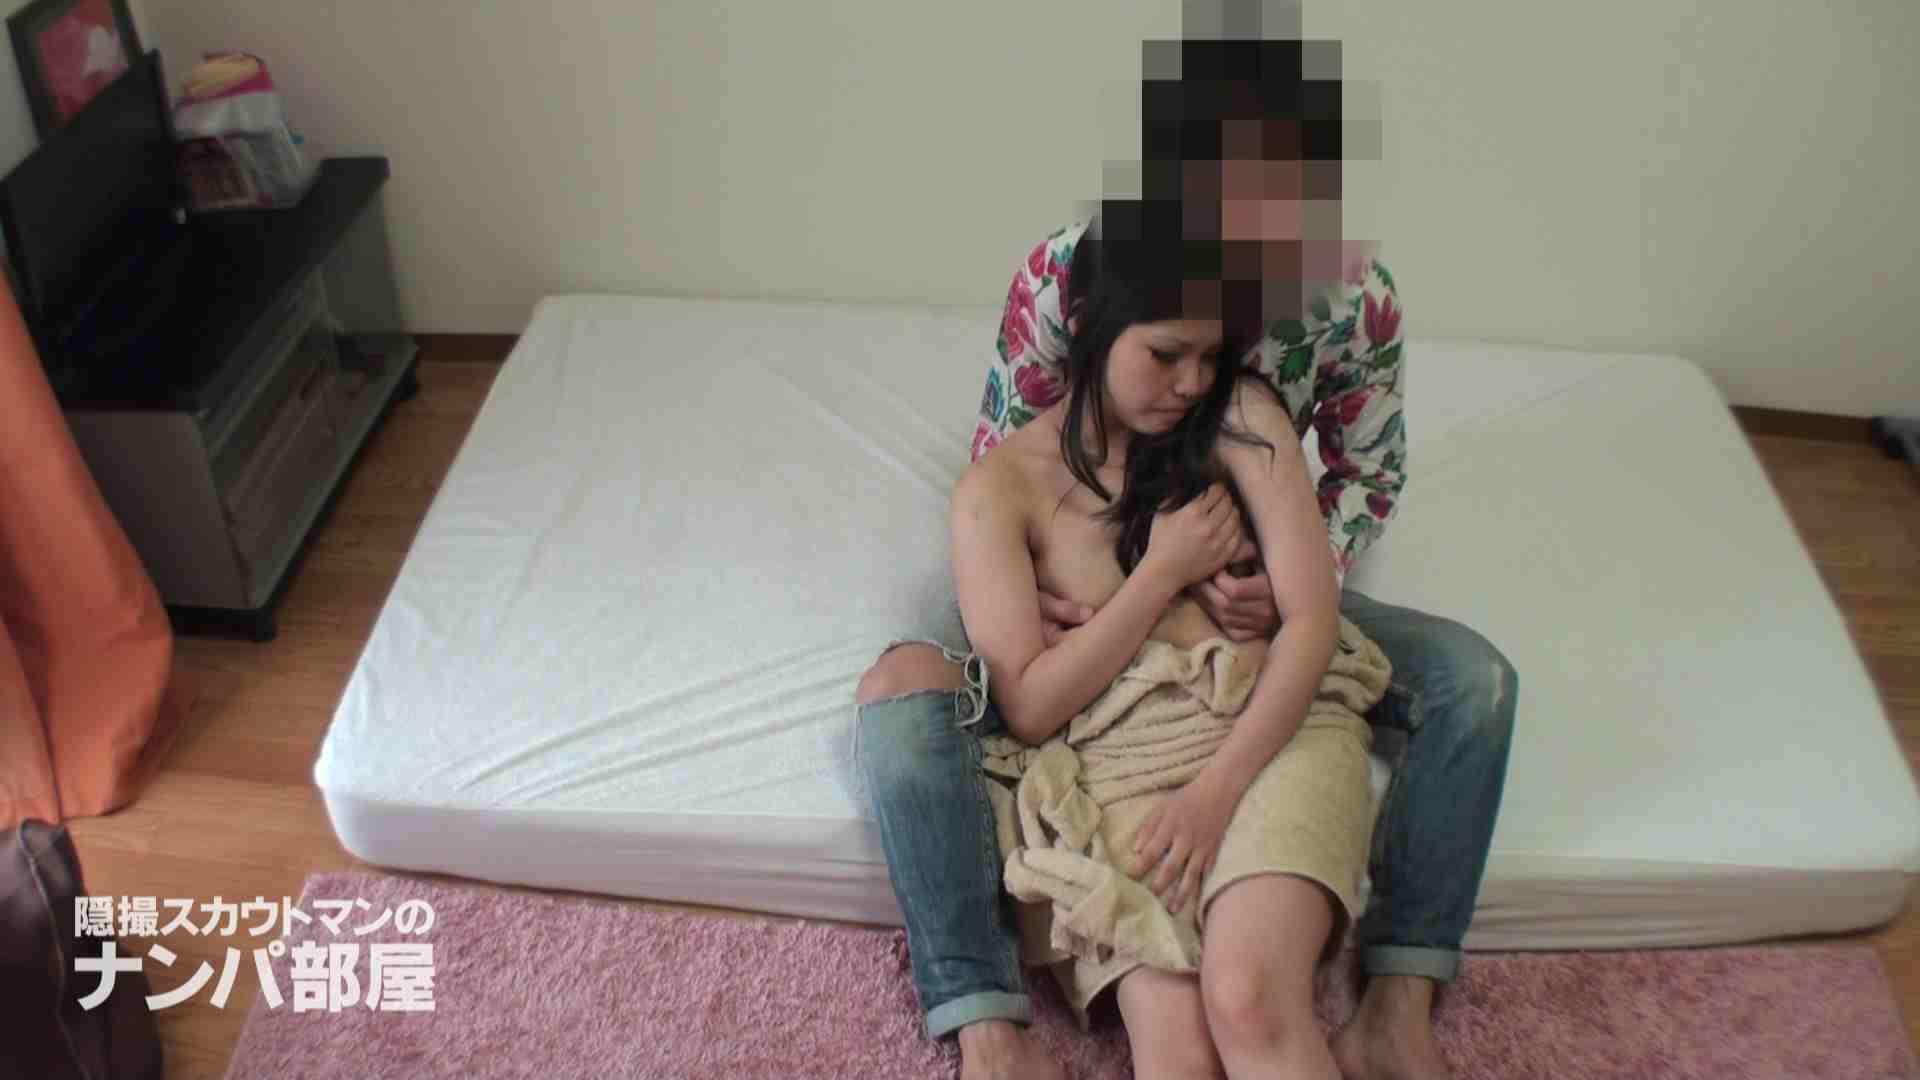 隠撮スカウトマンのナンパ部屋~風俗デビュー前のつまみ食い~hanavol.2 脱衣所 | 隠撮  106pic 85